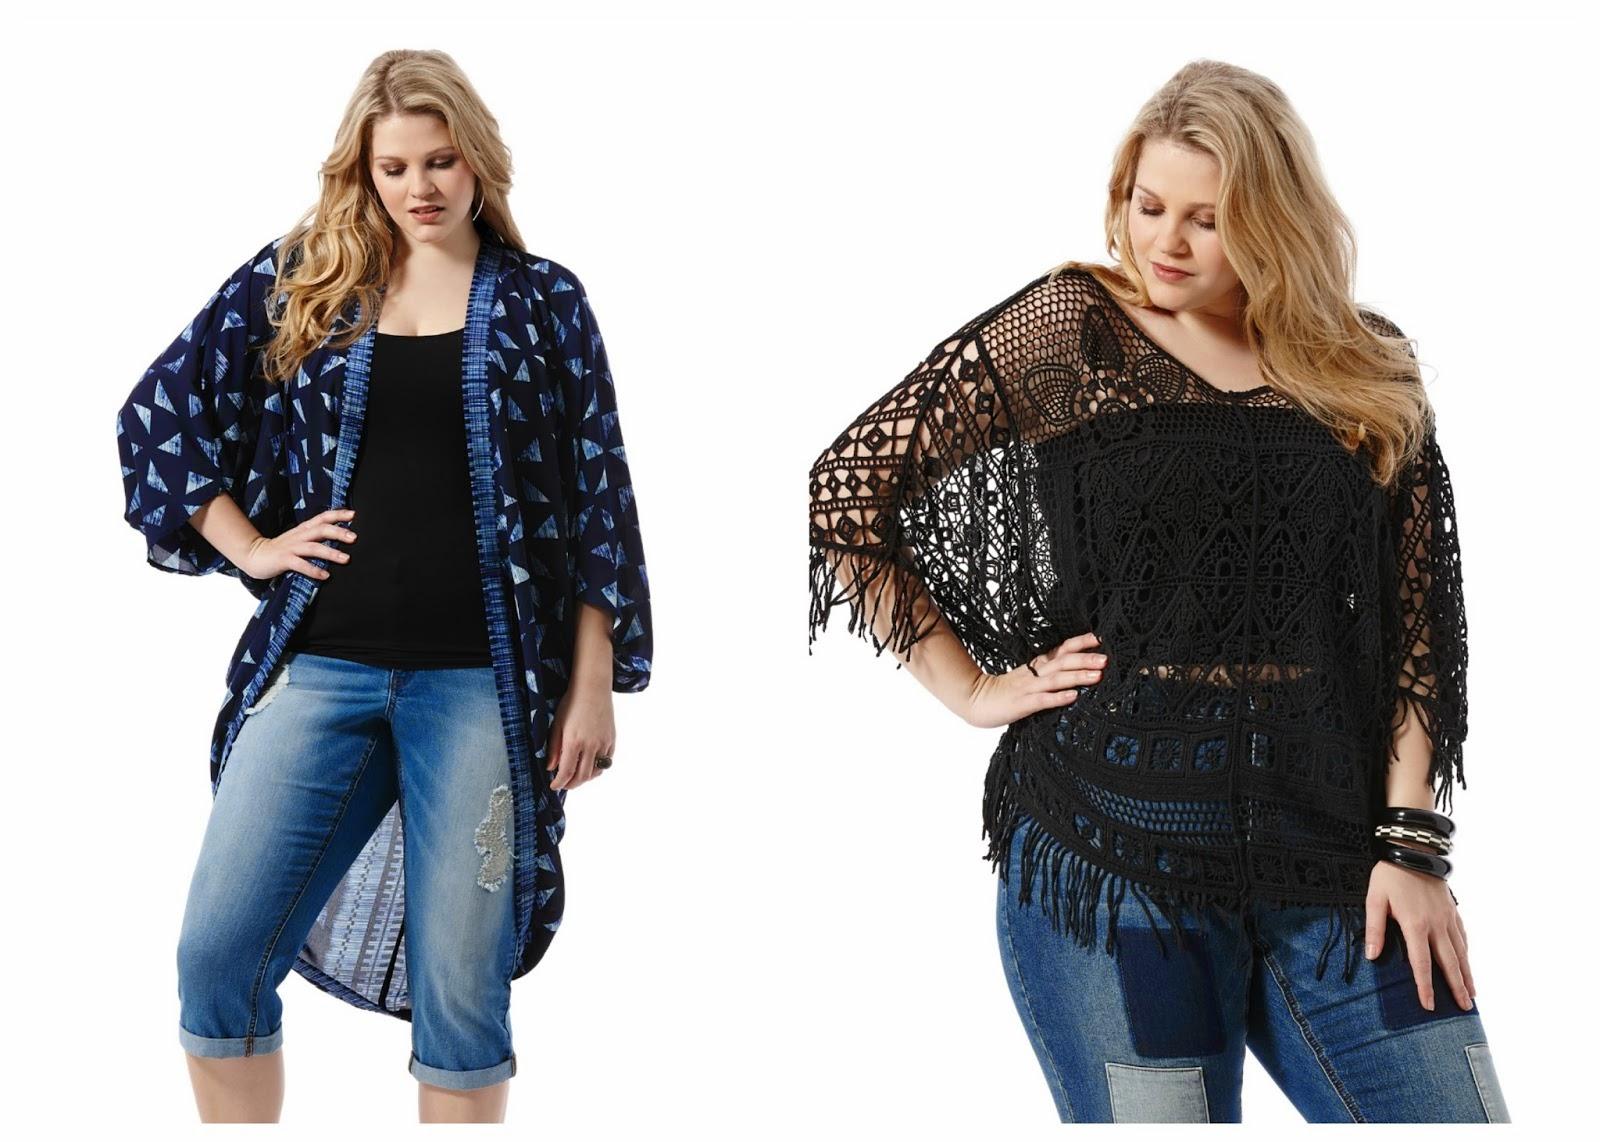 kimonos, crochet, poncho, boho, jeans, plus size fashion, dillards